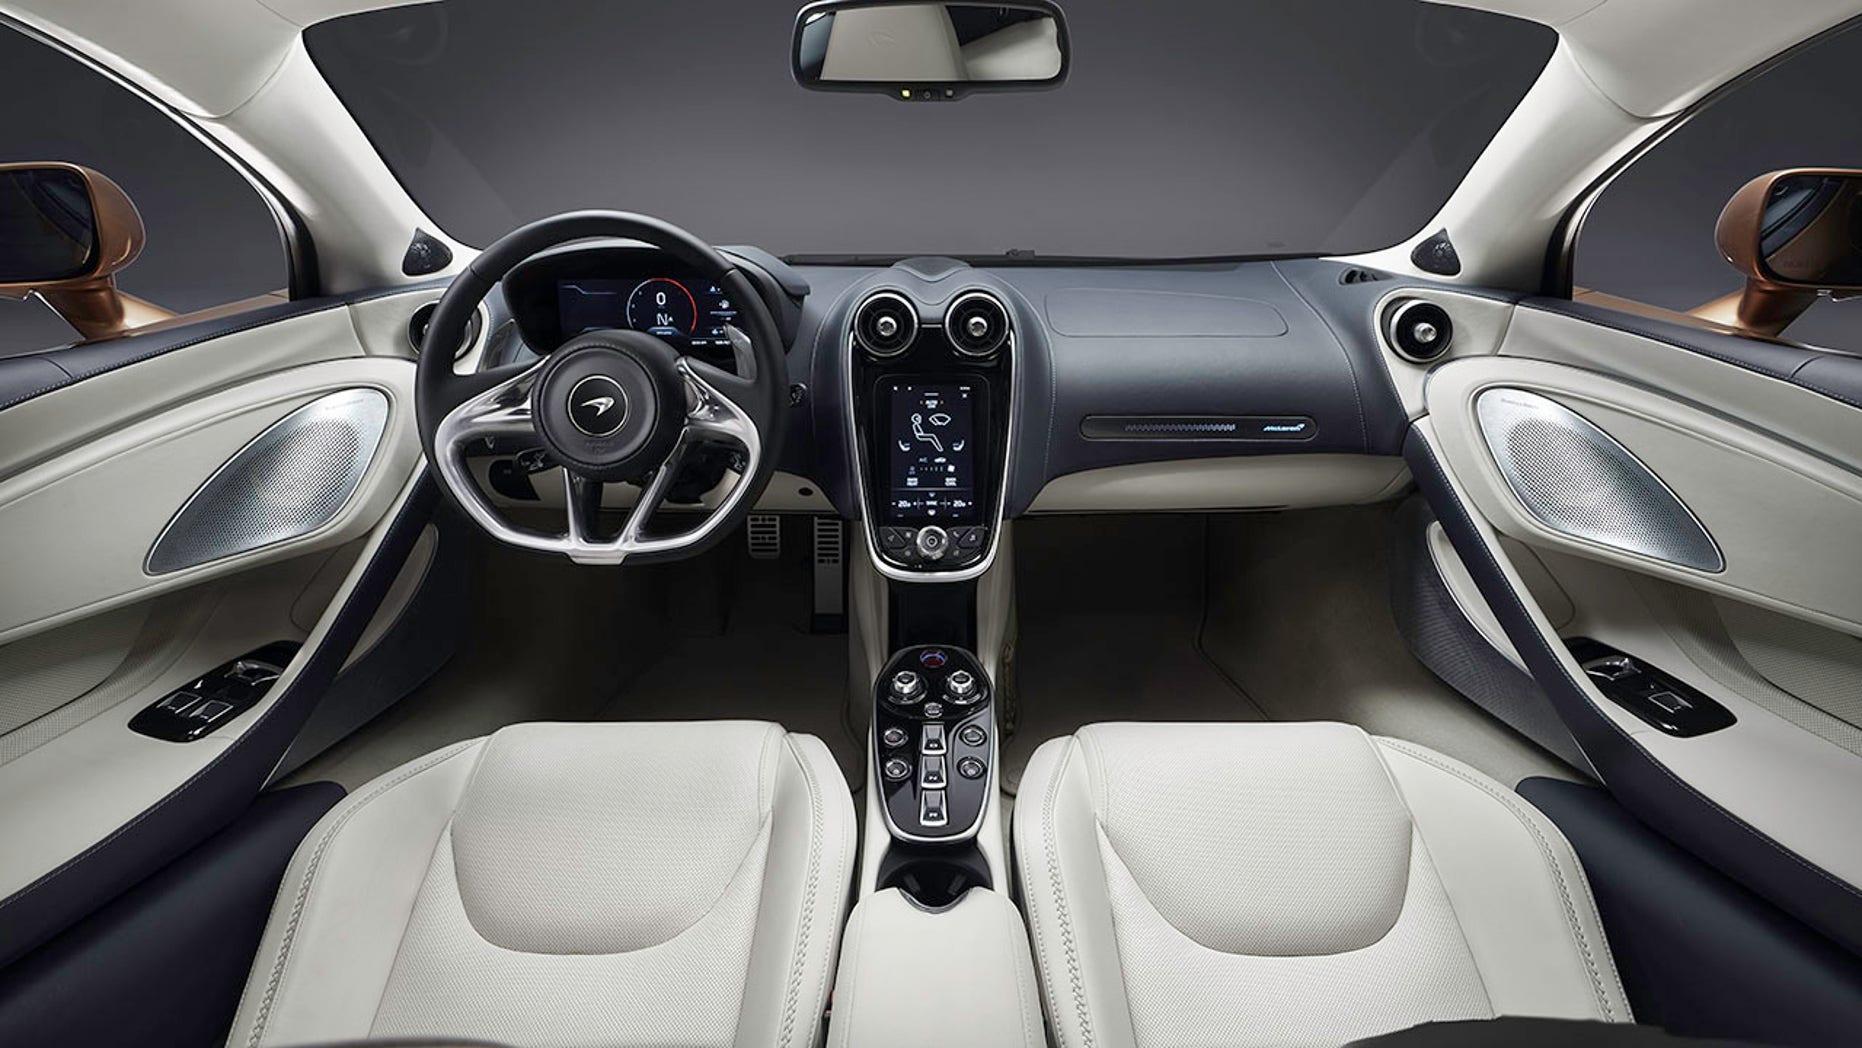 2019 Mclaren GT interior